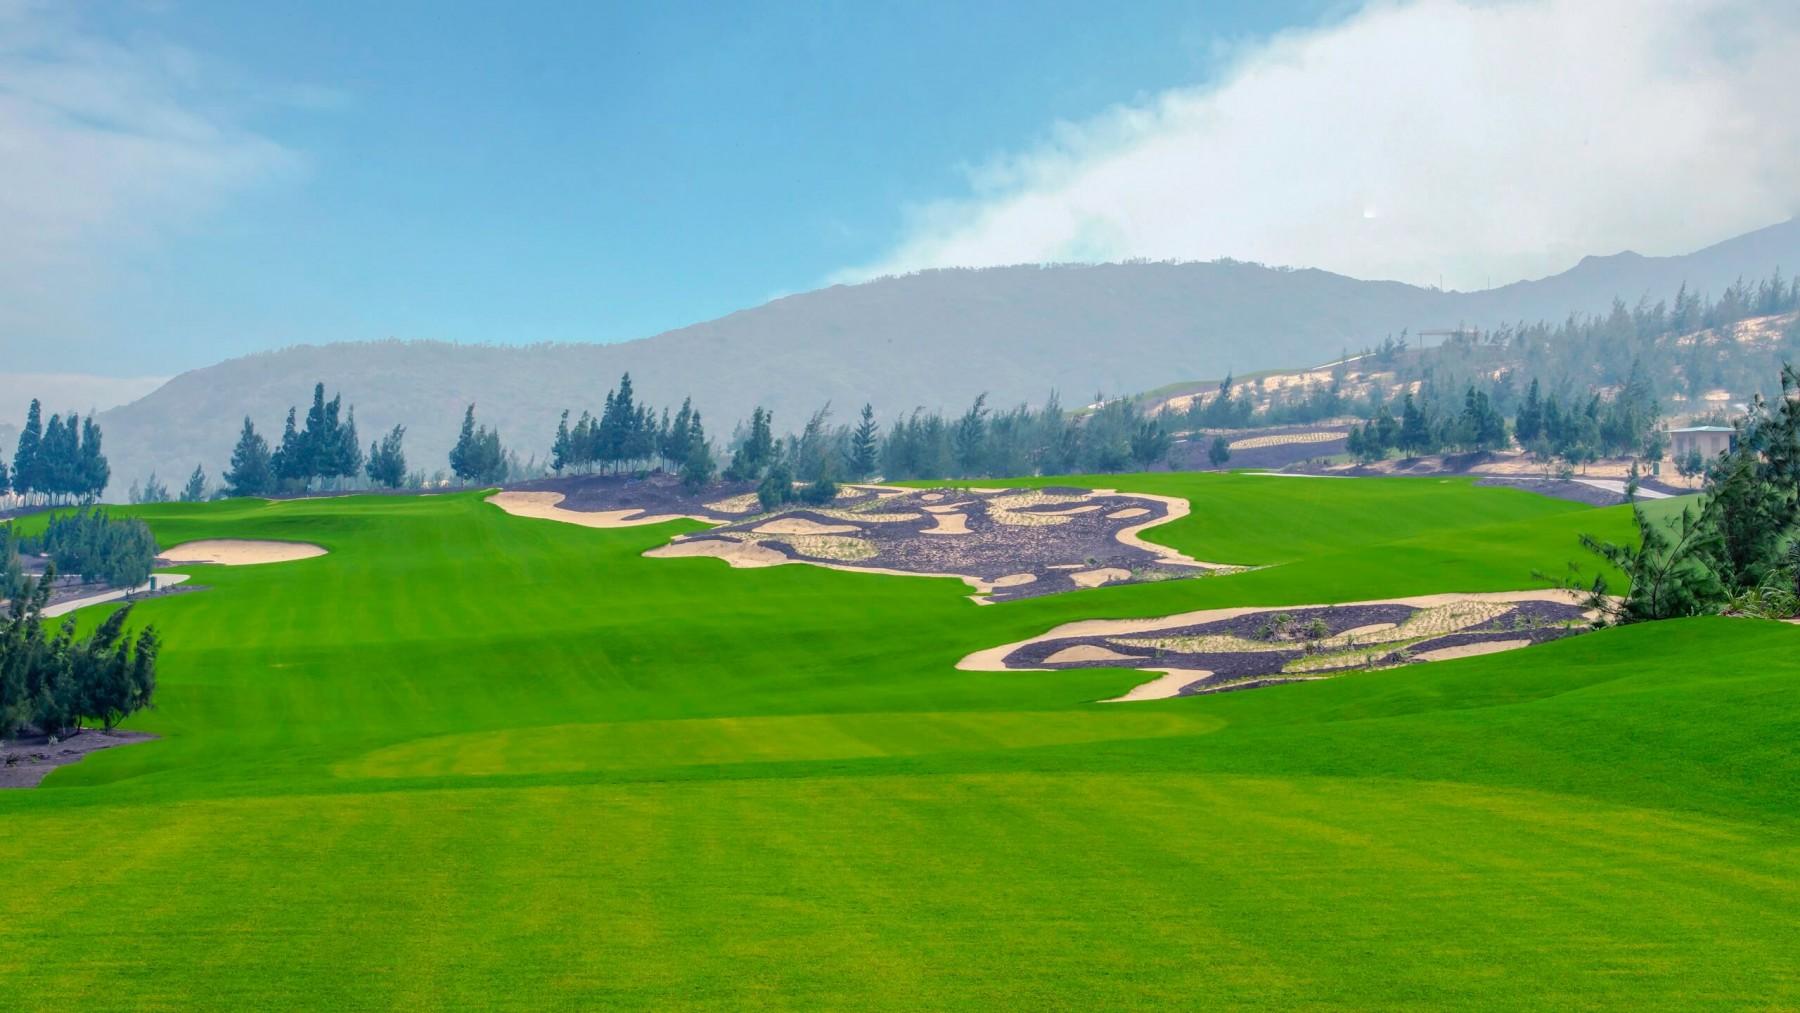 flc quy nhơn golf